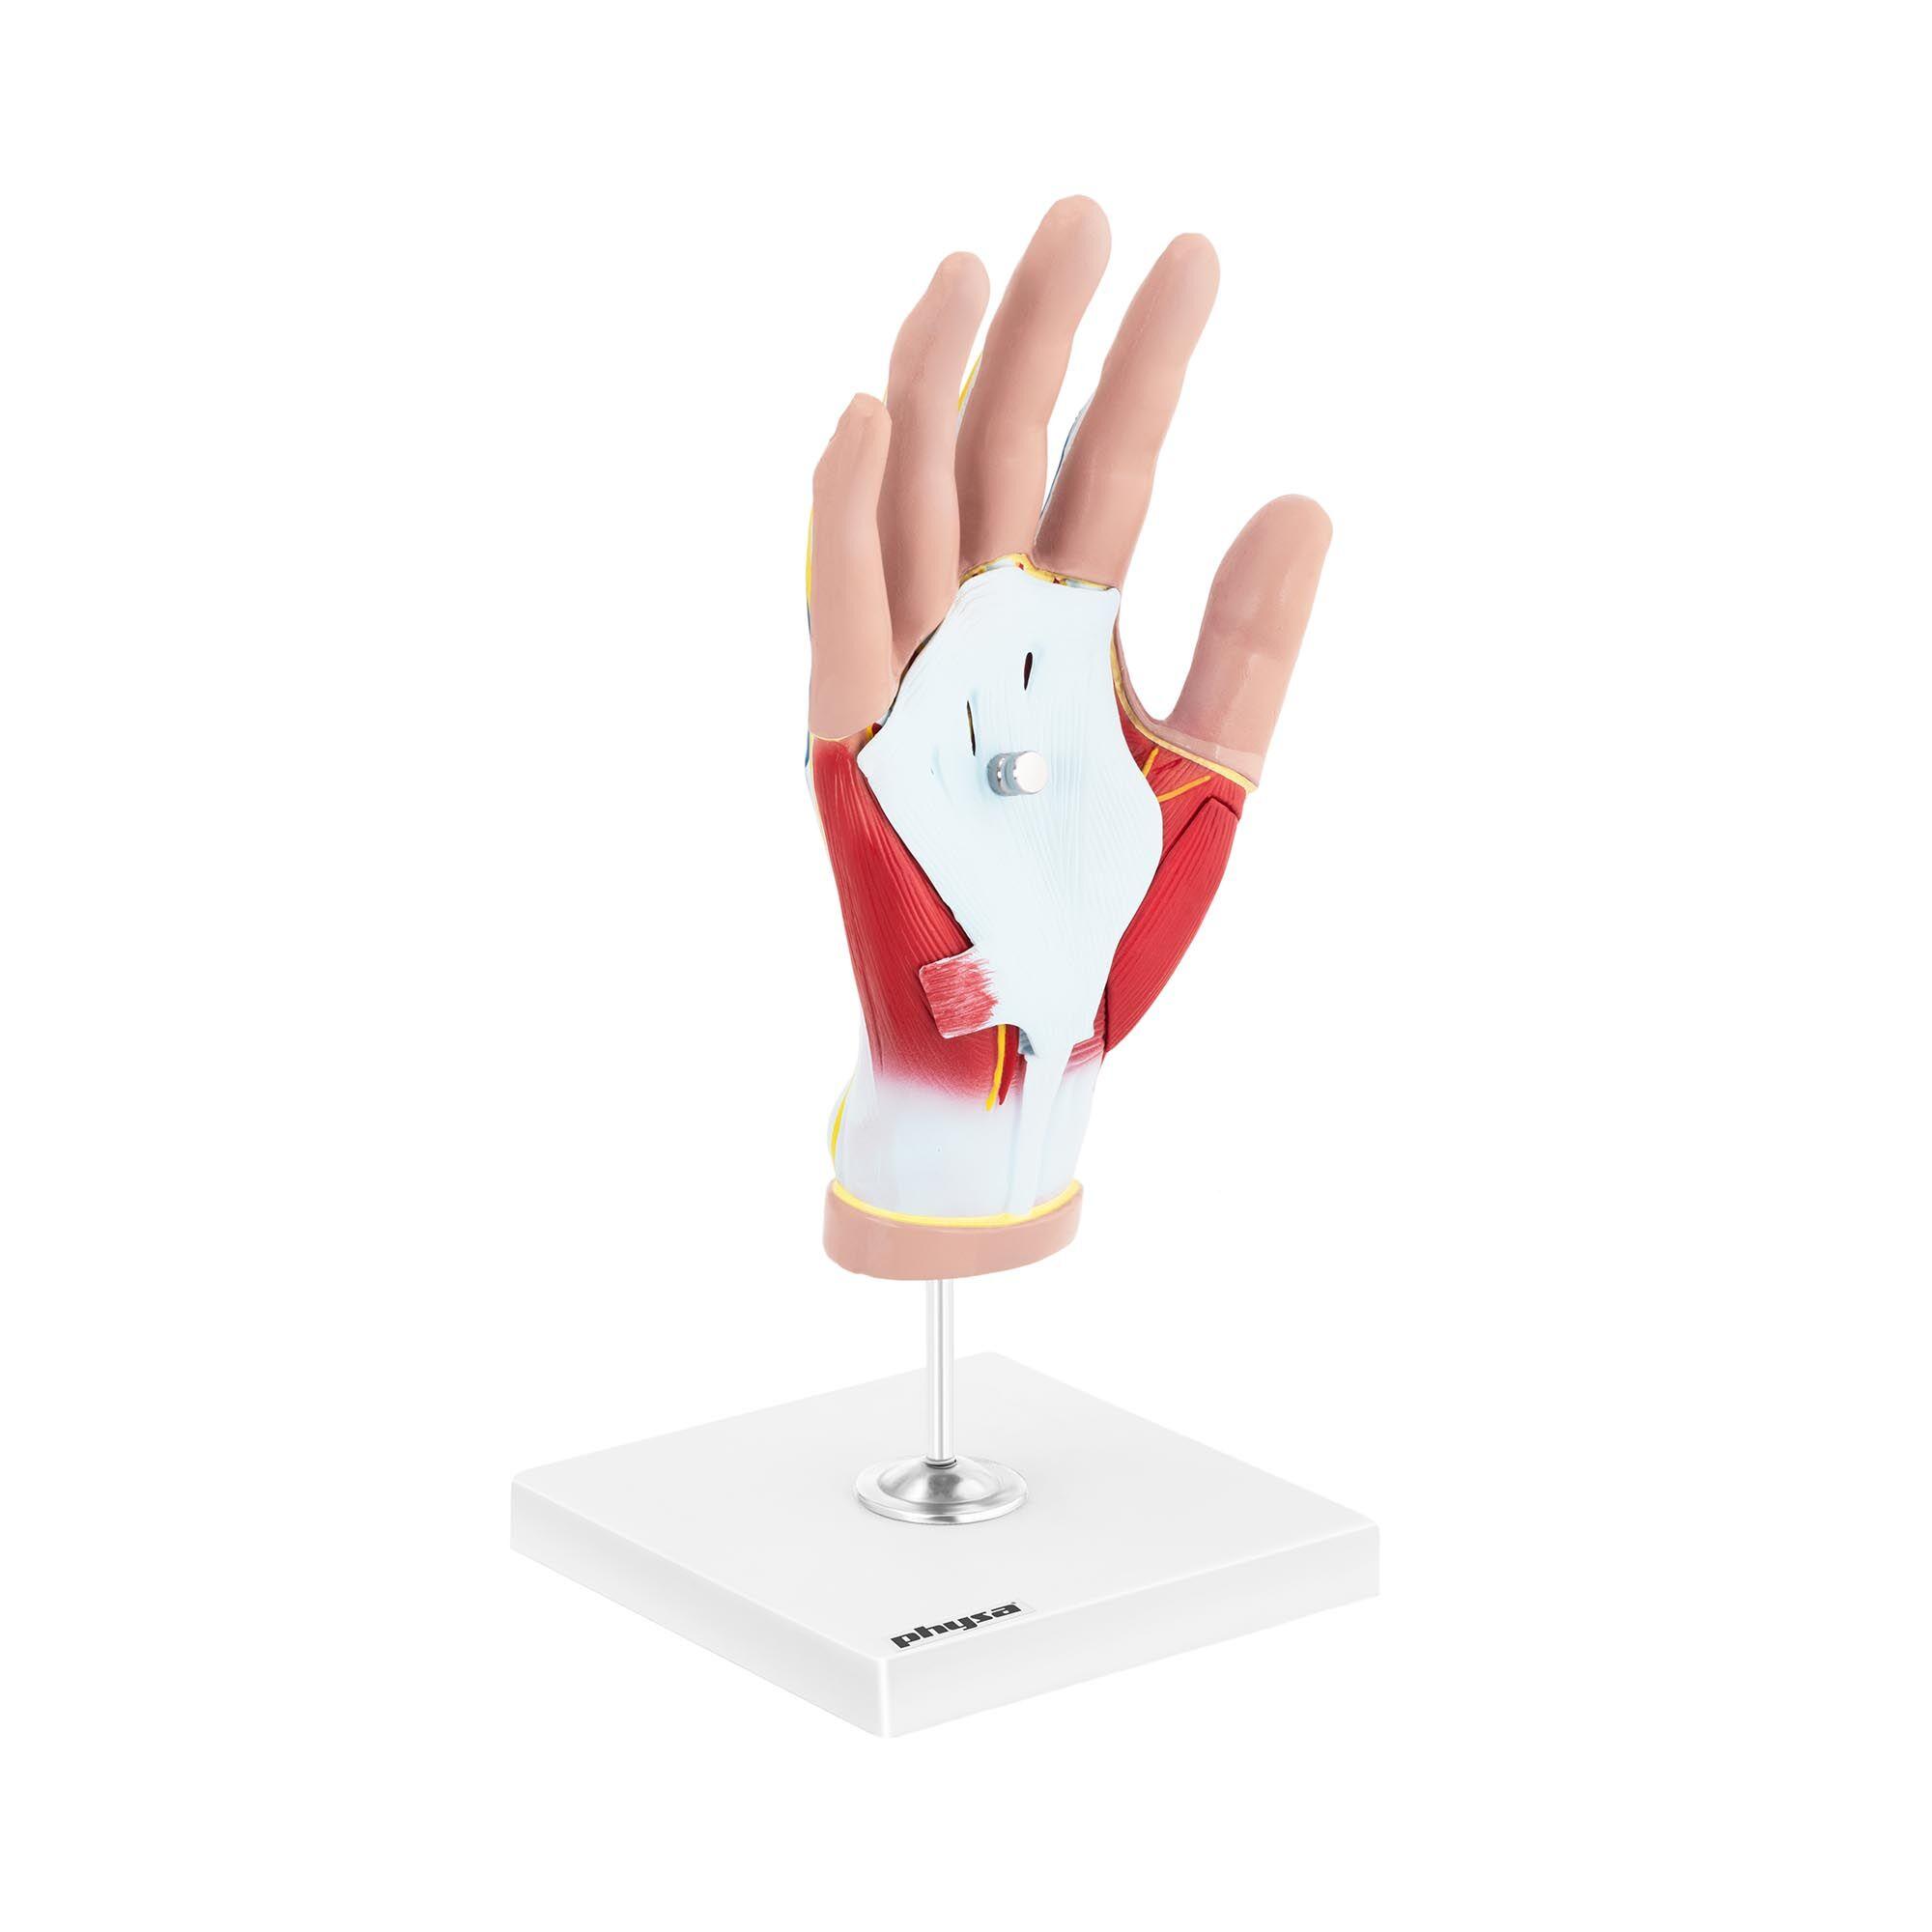 physa Maquette anatomique de la main humaine avec dégénérescence musculaire - En 4 parties - Grandeur nature PHY-HM-3